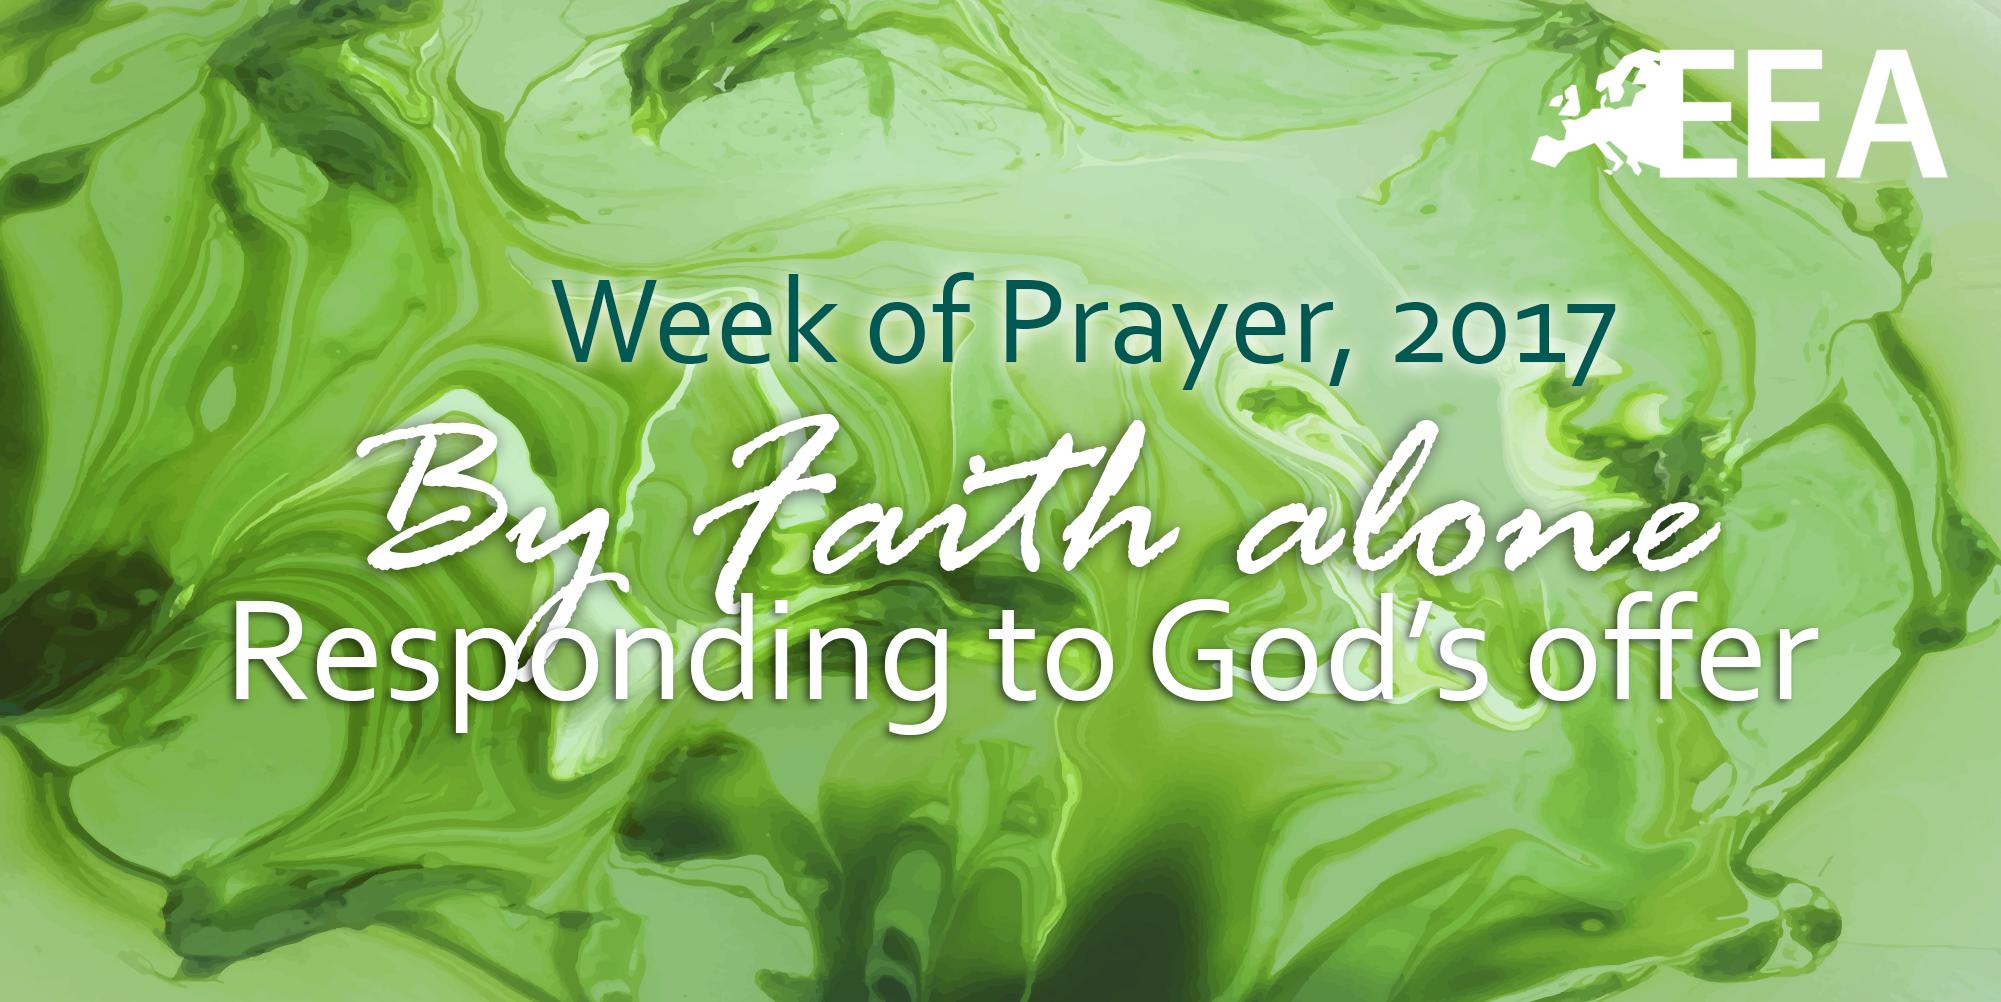 Daily Devotional: Wednesday, 11 January 2017